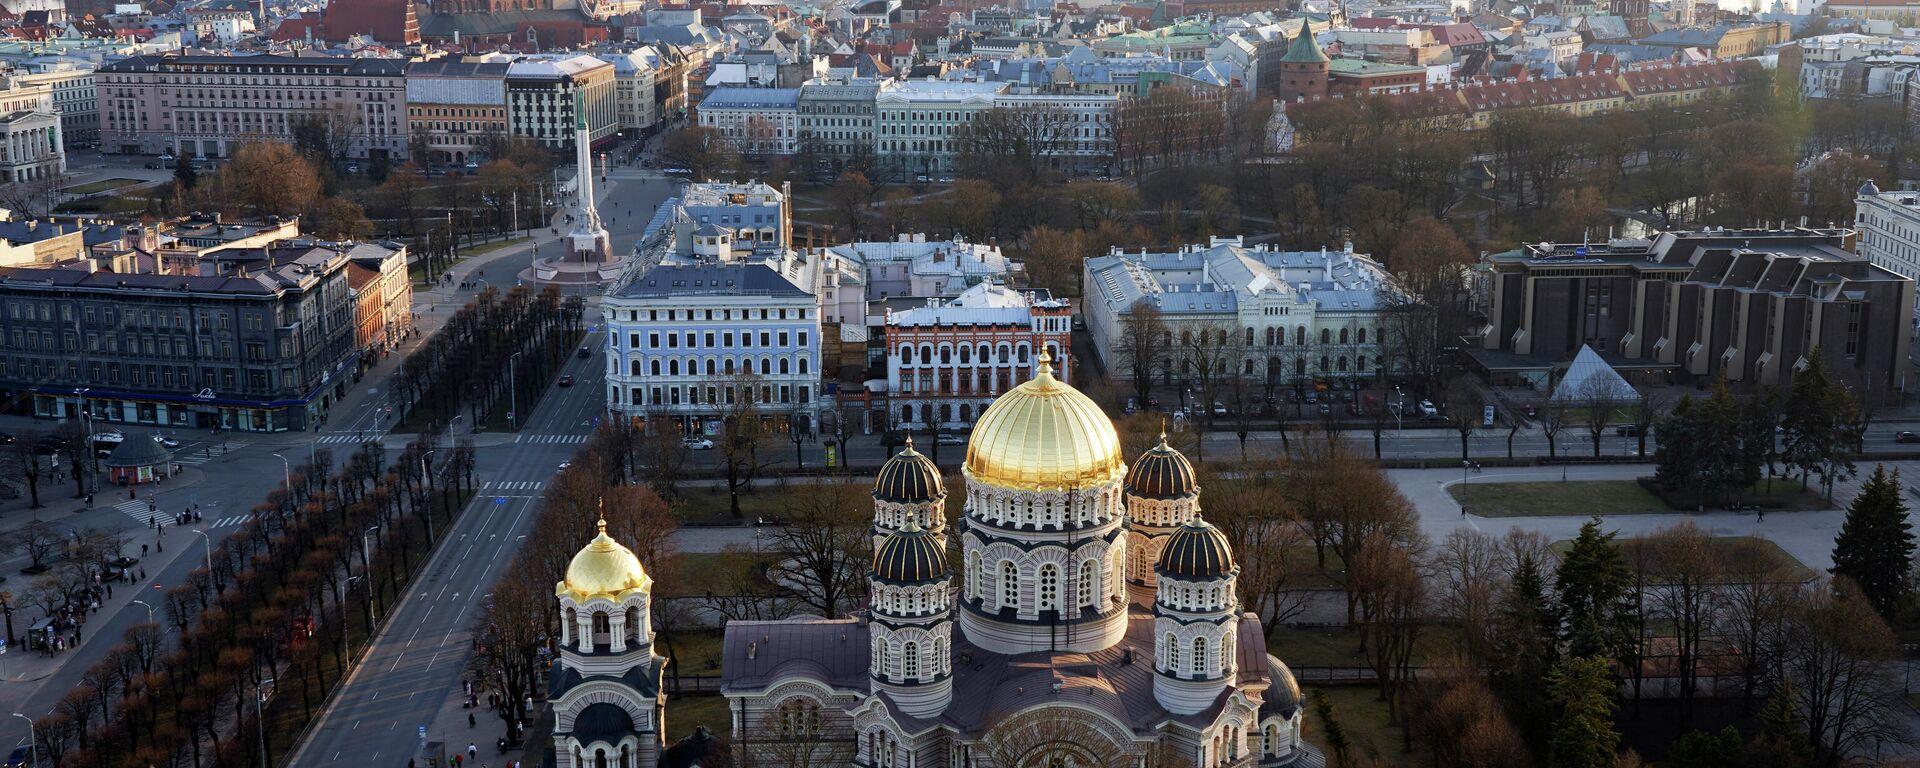 Lettlands Hauptstadt Riga - SNA, 1920, 01.04.2021